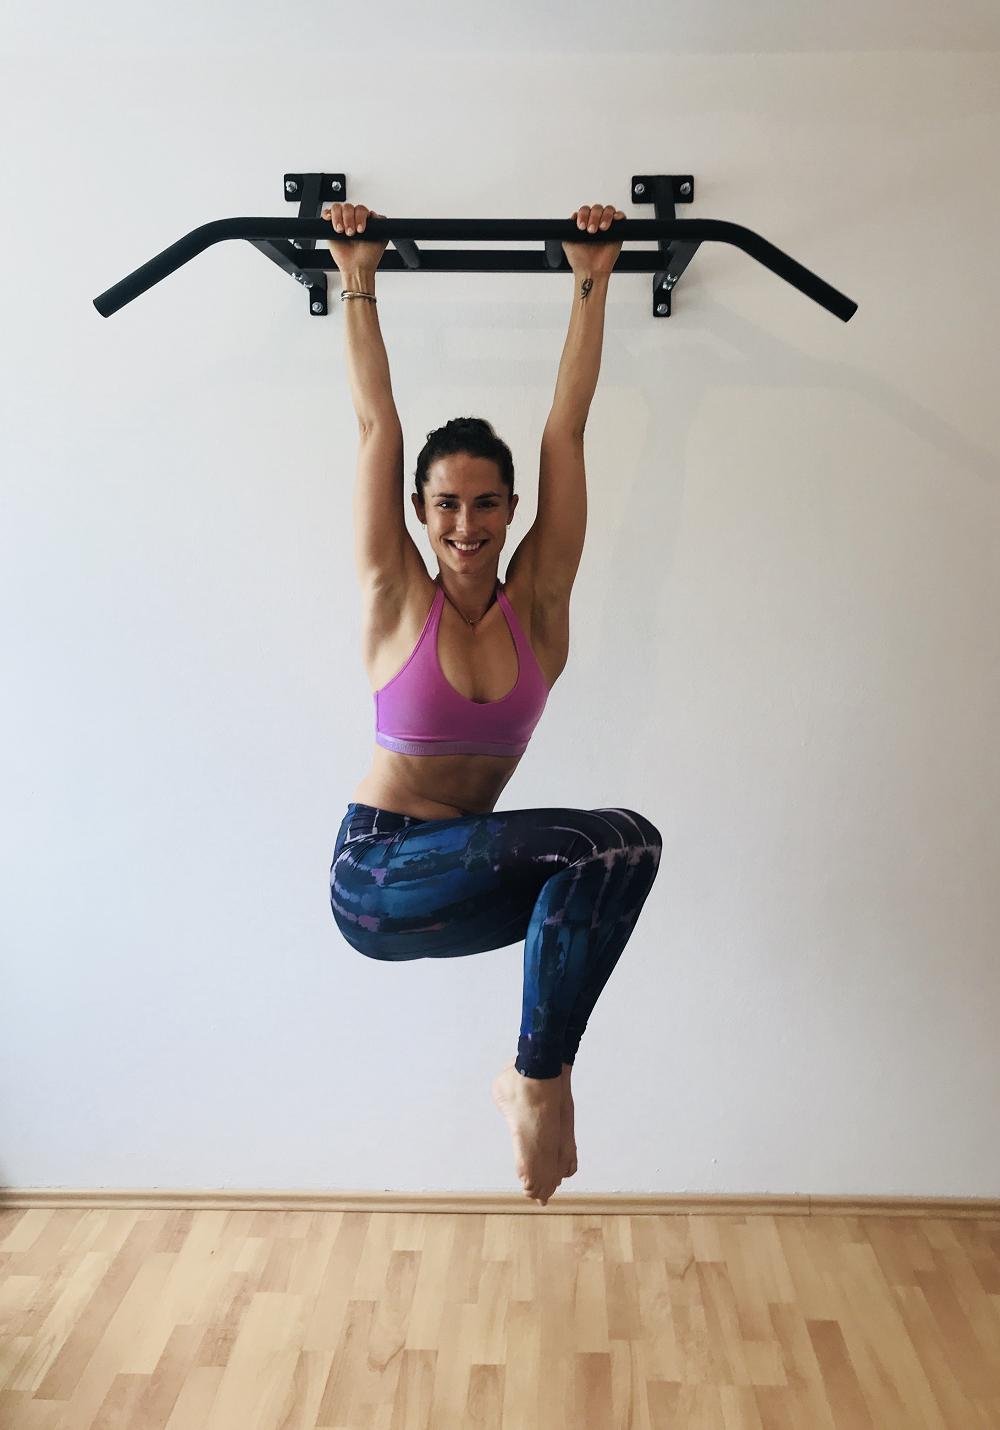 Diagonal Hanging Crunches, SportScheck, Yoga, Klimmzug